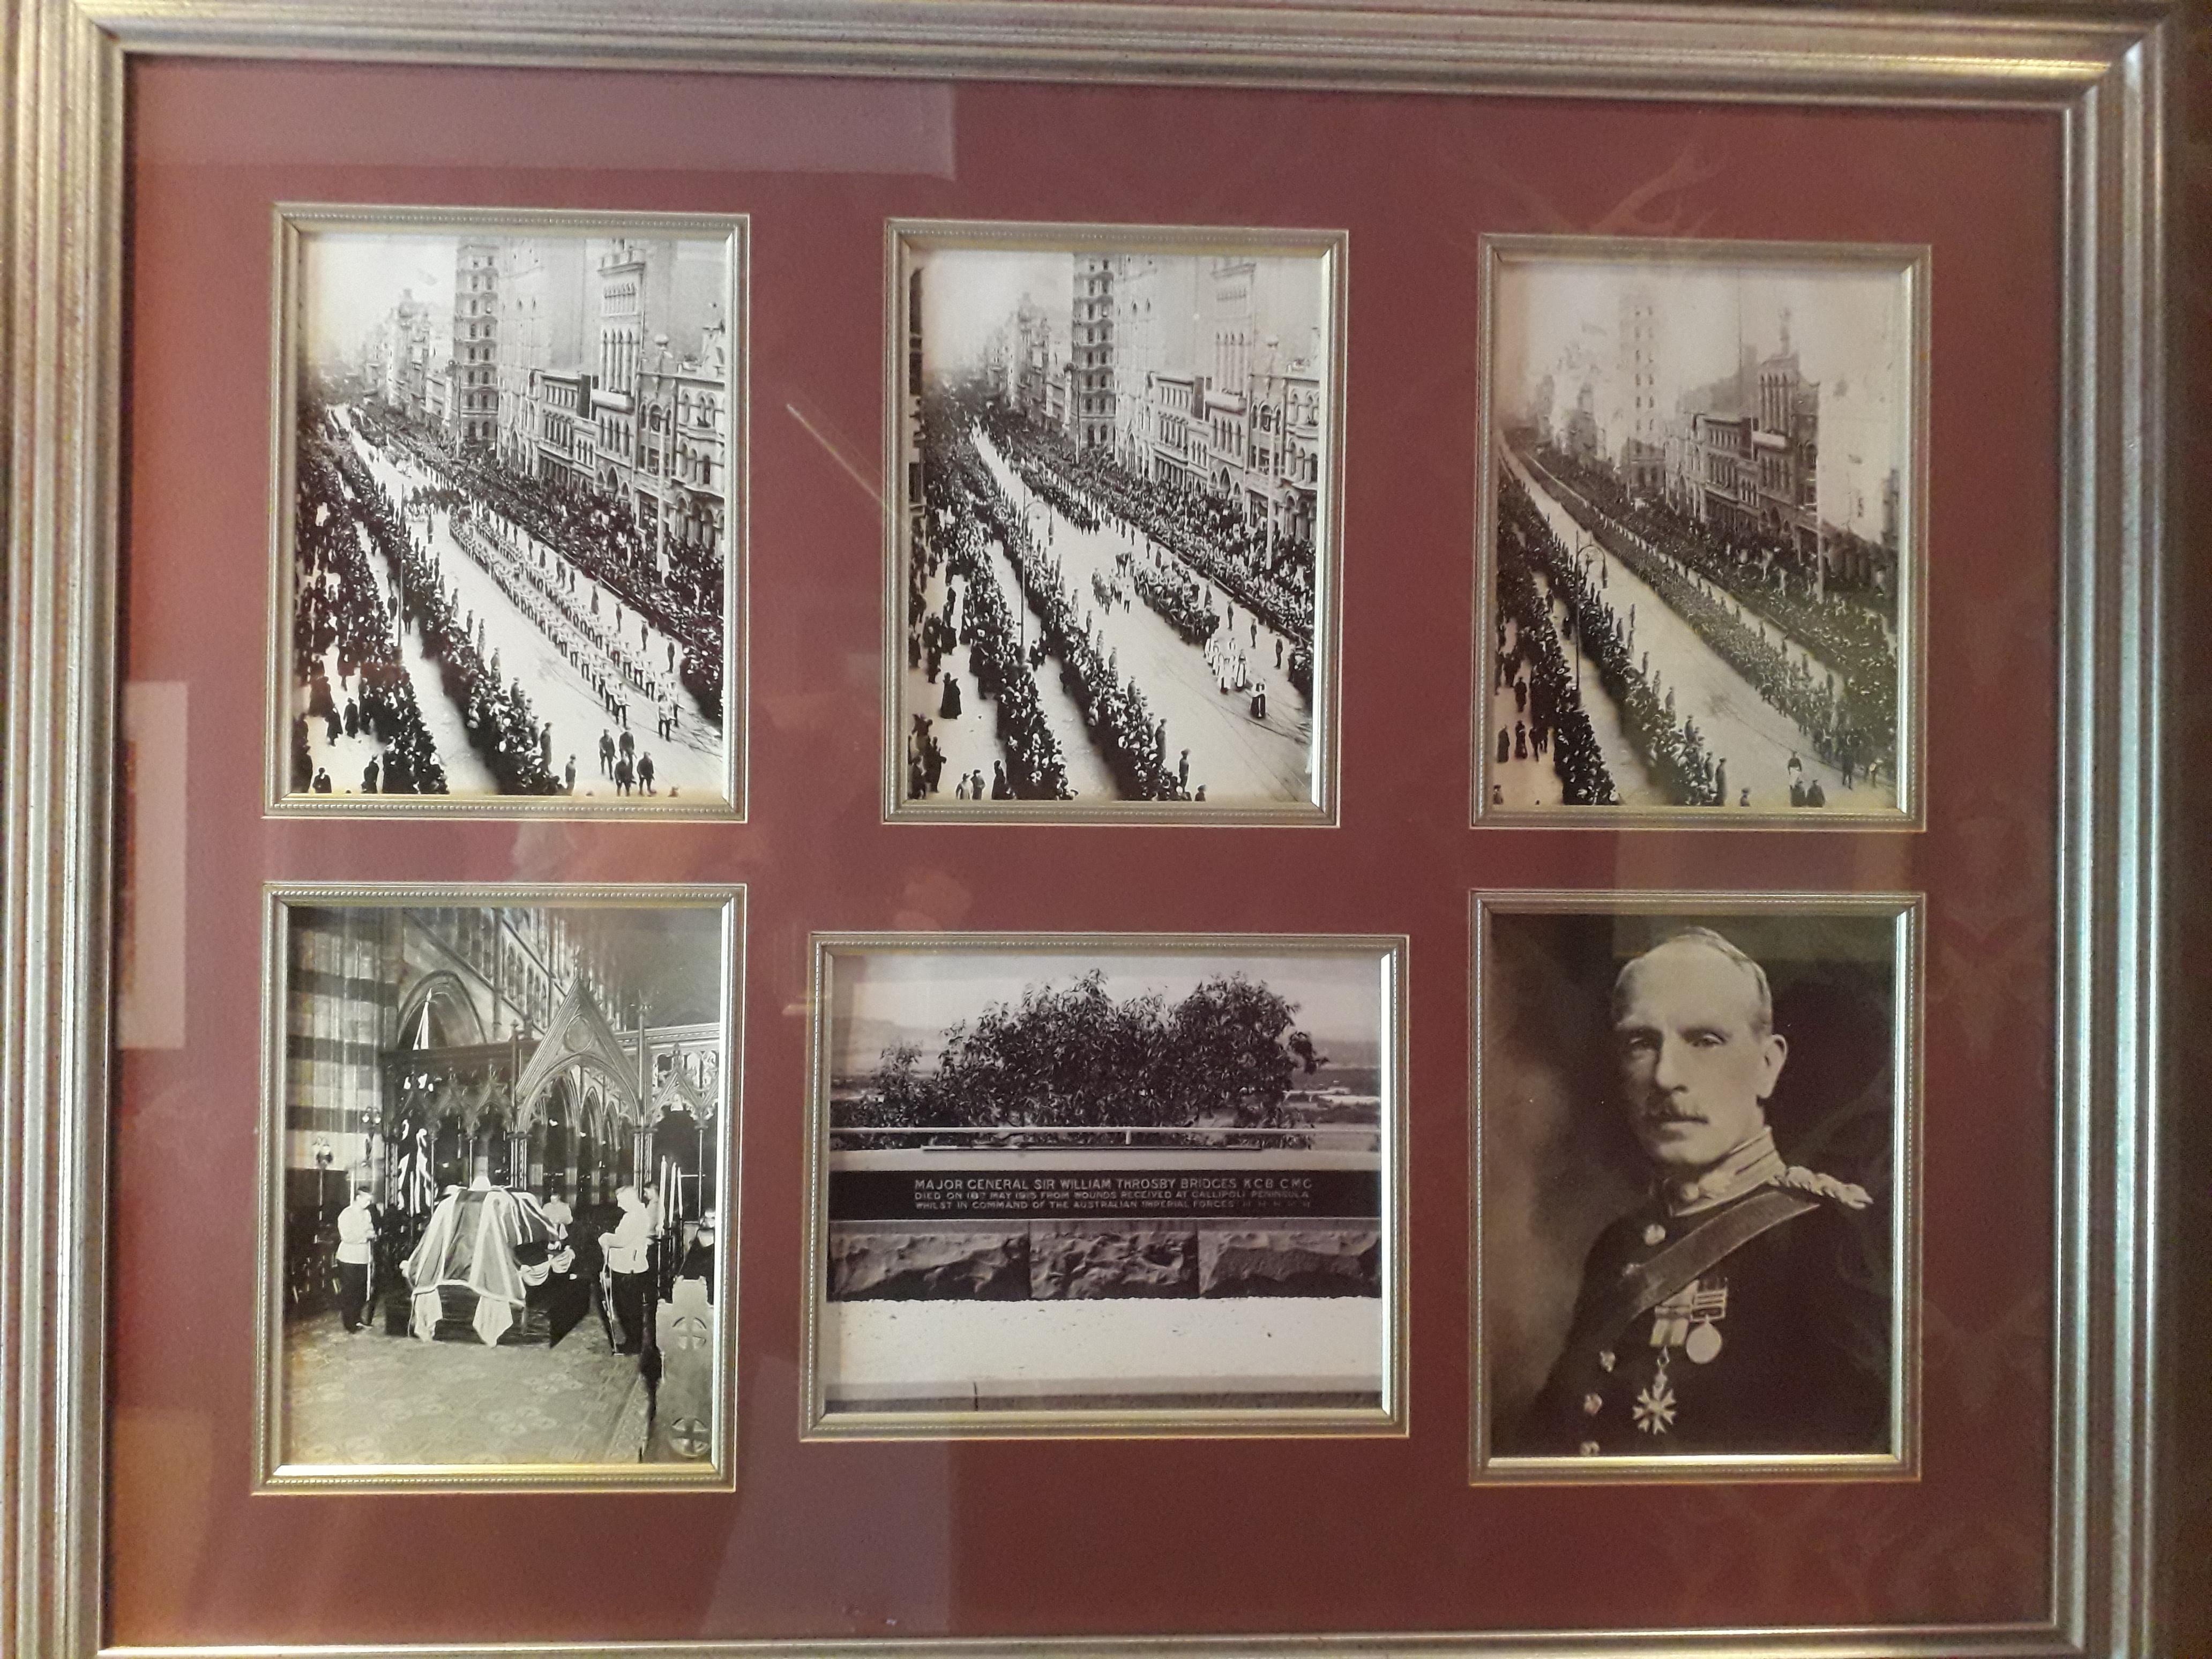 Maj-Gen Bridges funeral